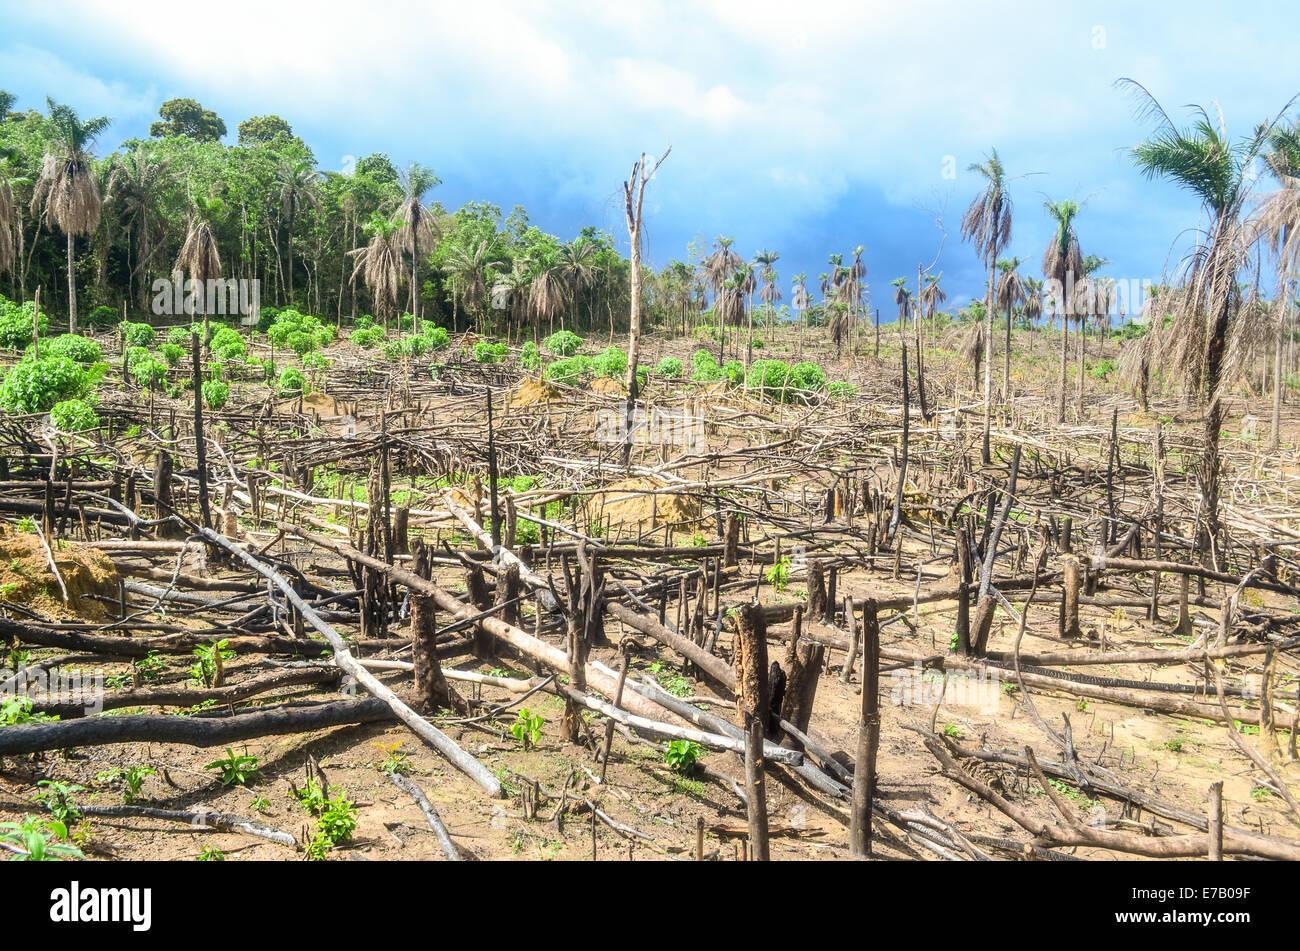 La deforestación en África, la tala de madera maciza en Sierra Leona Imagen De Stock